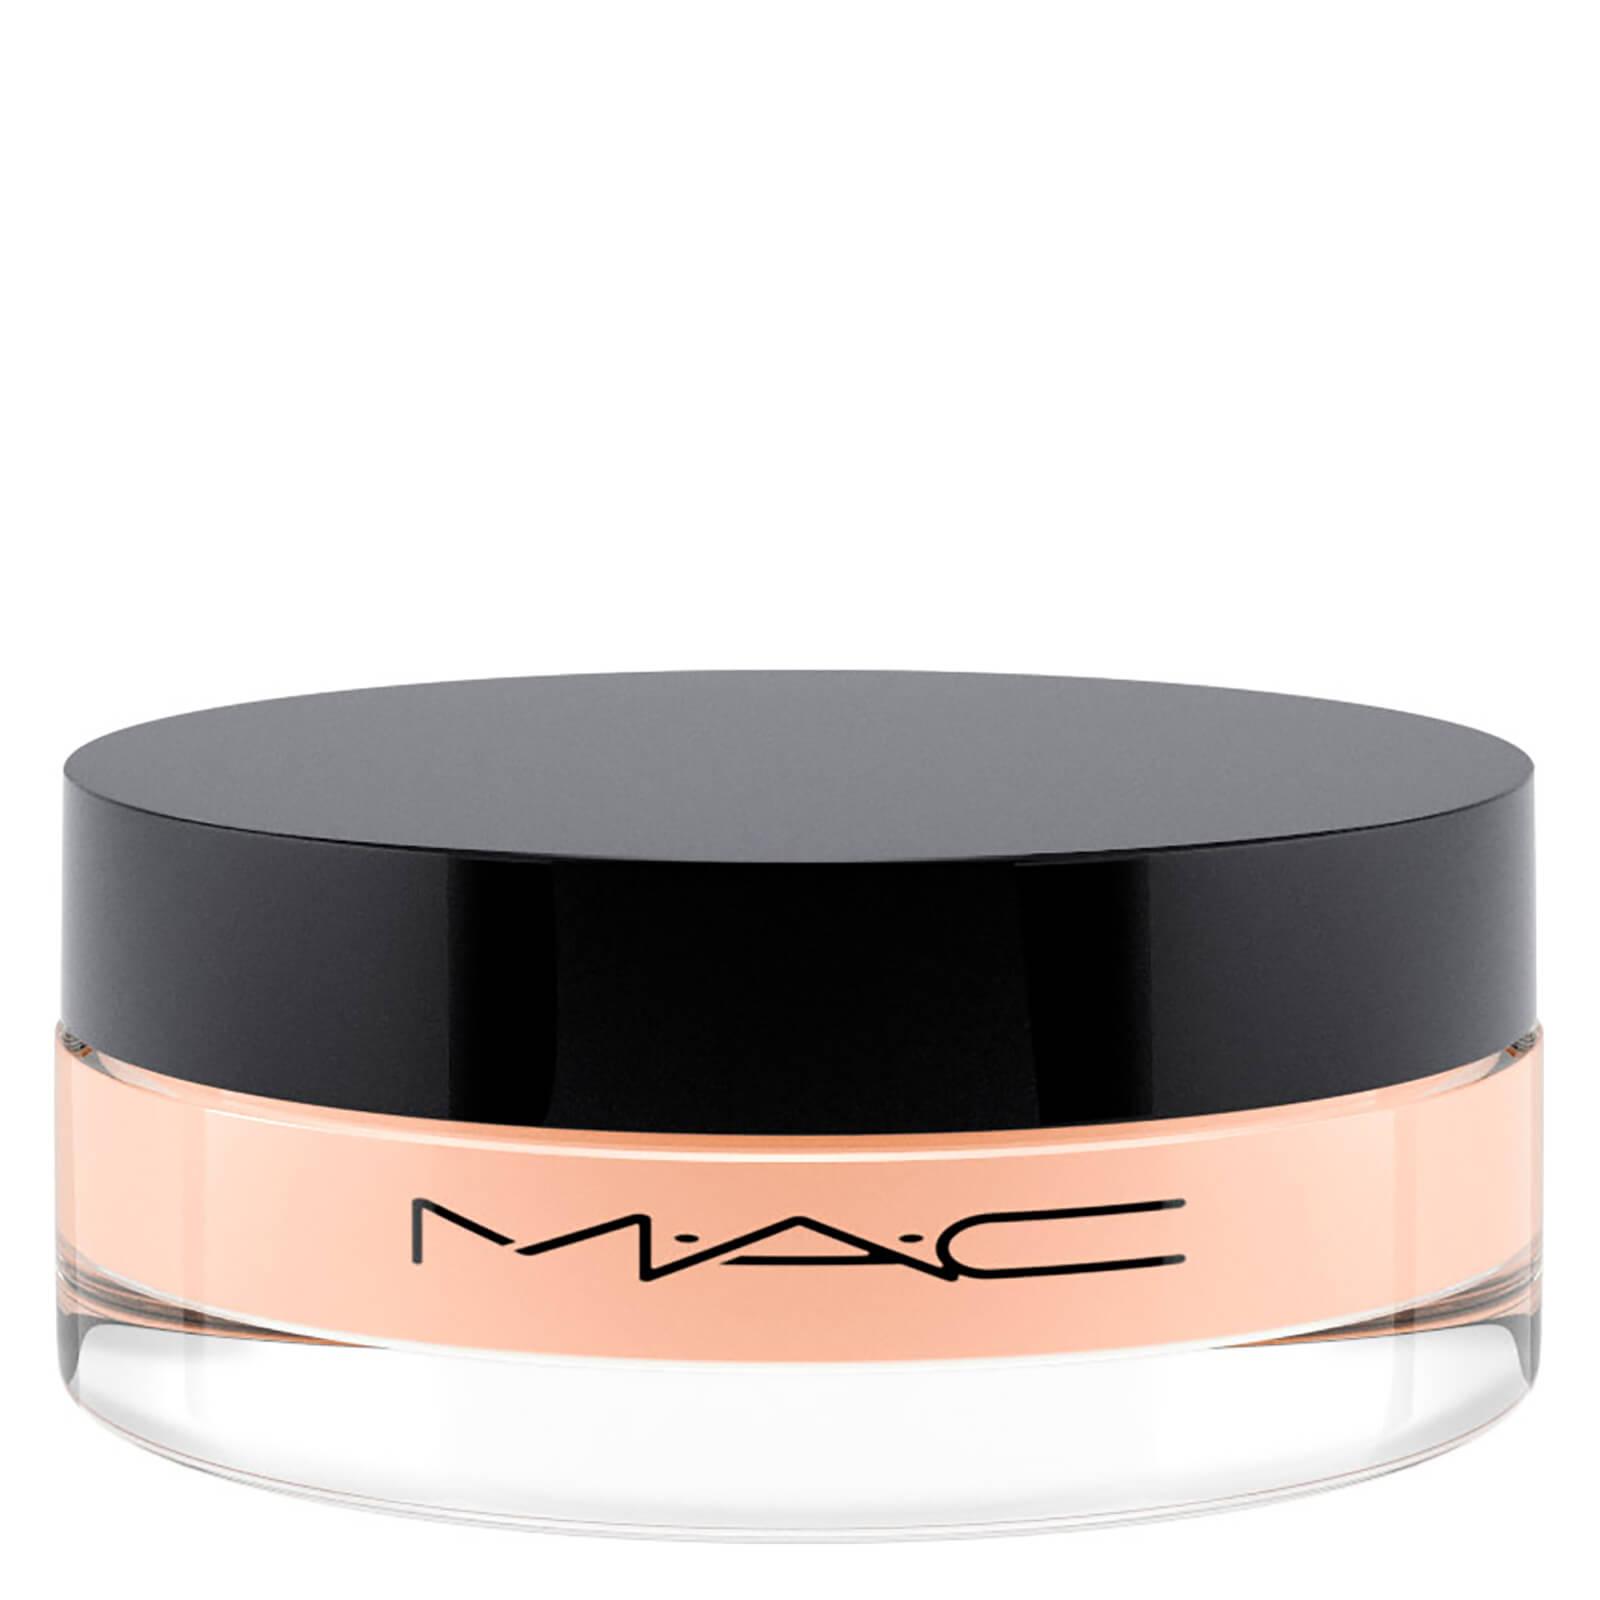 MAC Studio Fix Perfecting Powder (Verschiedene Farben) - Medium